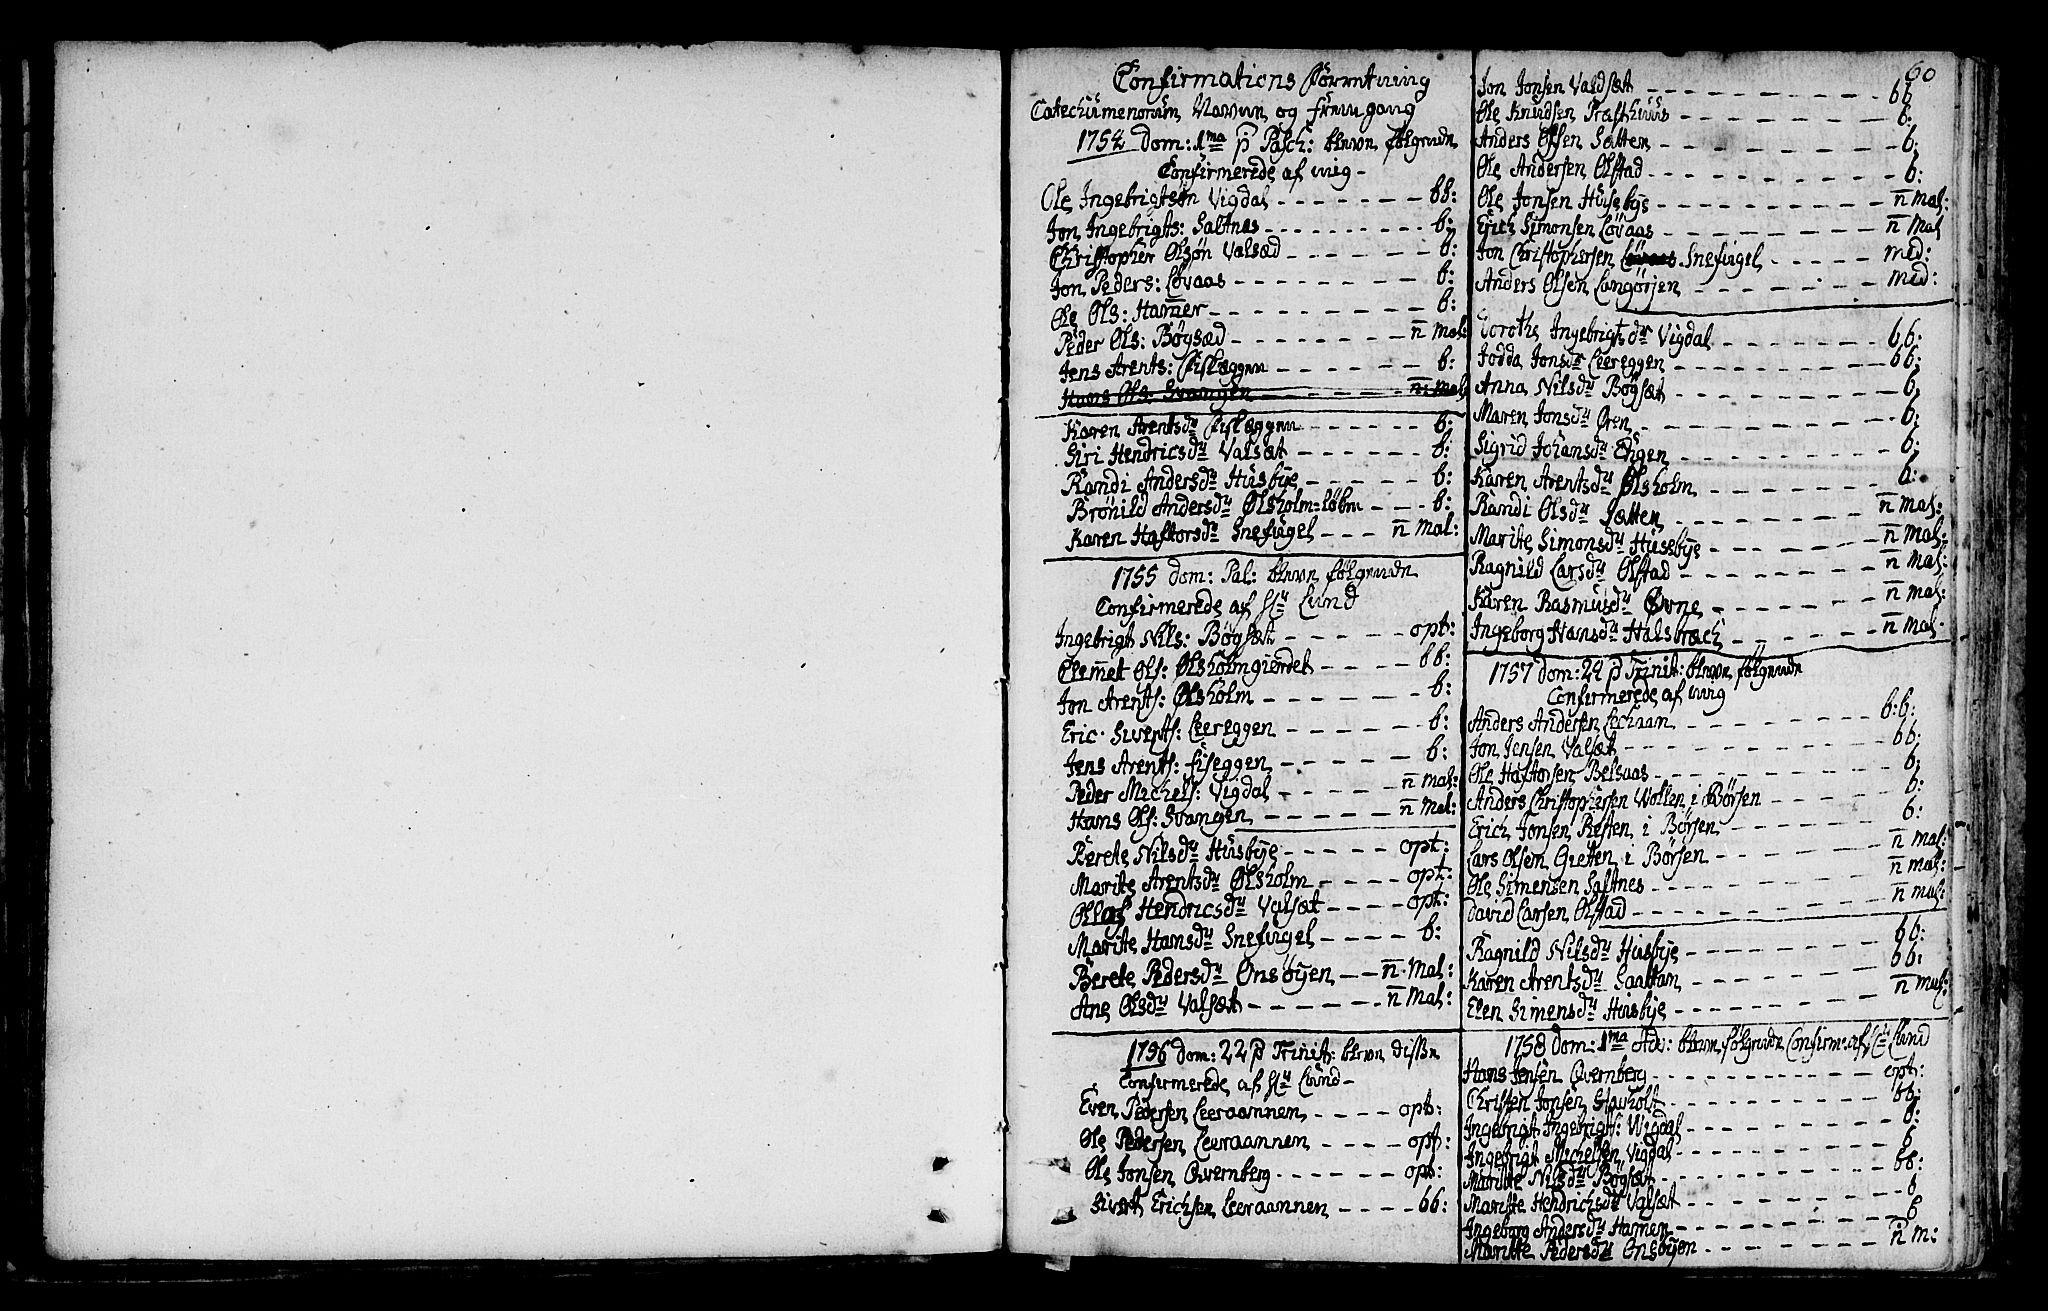 SAT, Ministerialprotokoller, klokkerbøker og fødselsregistre - Sør-Trøndelag, 666/L0784: Ministerialbok nr. 666A02, 1754-1802, s. 60